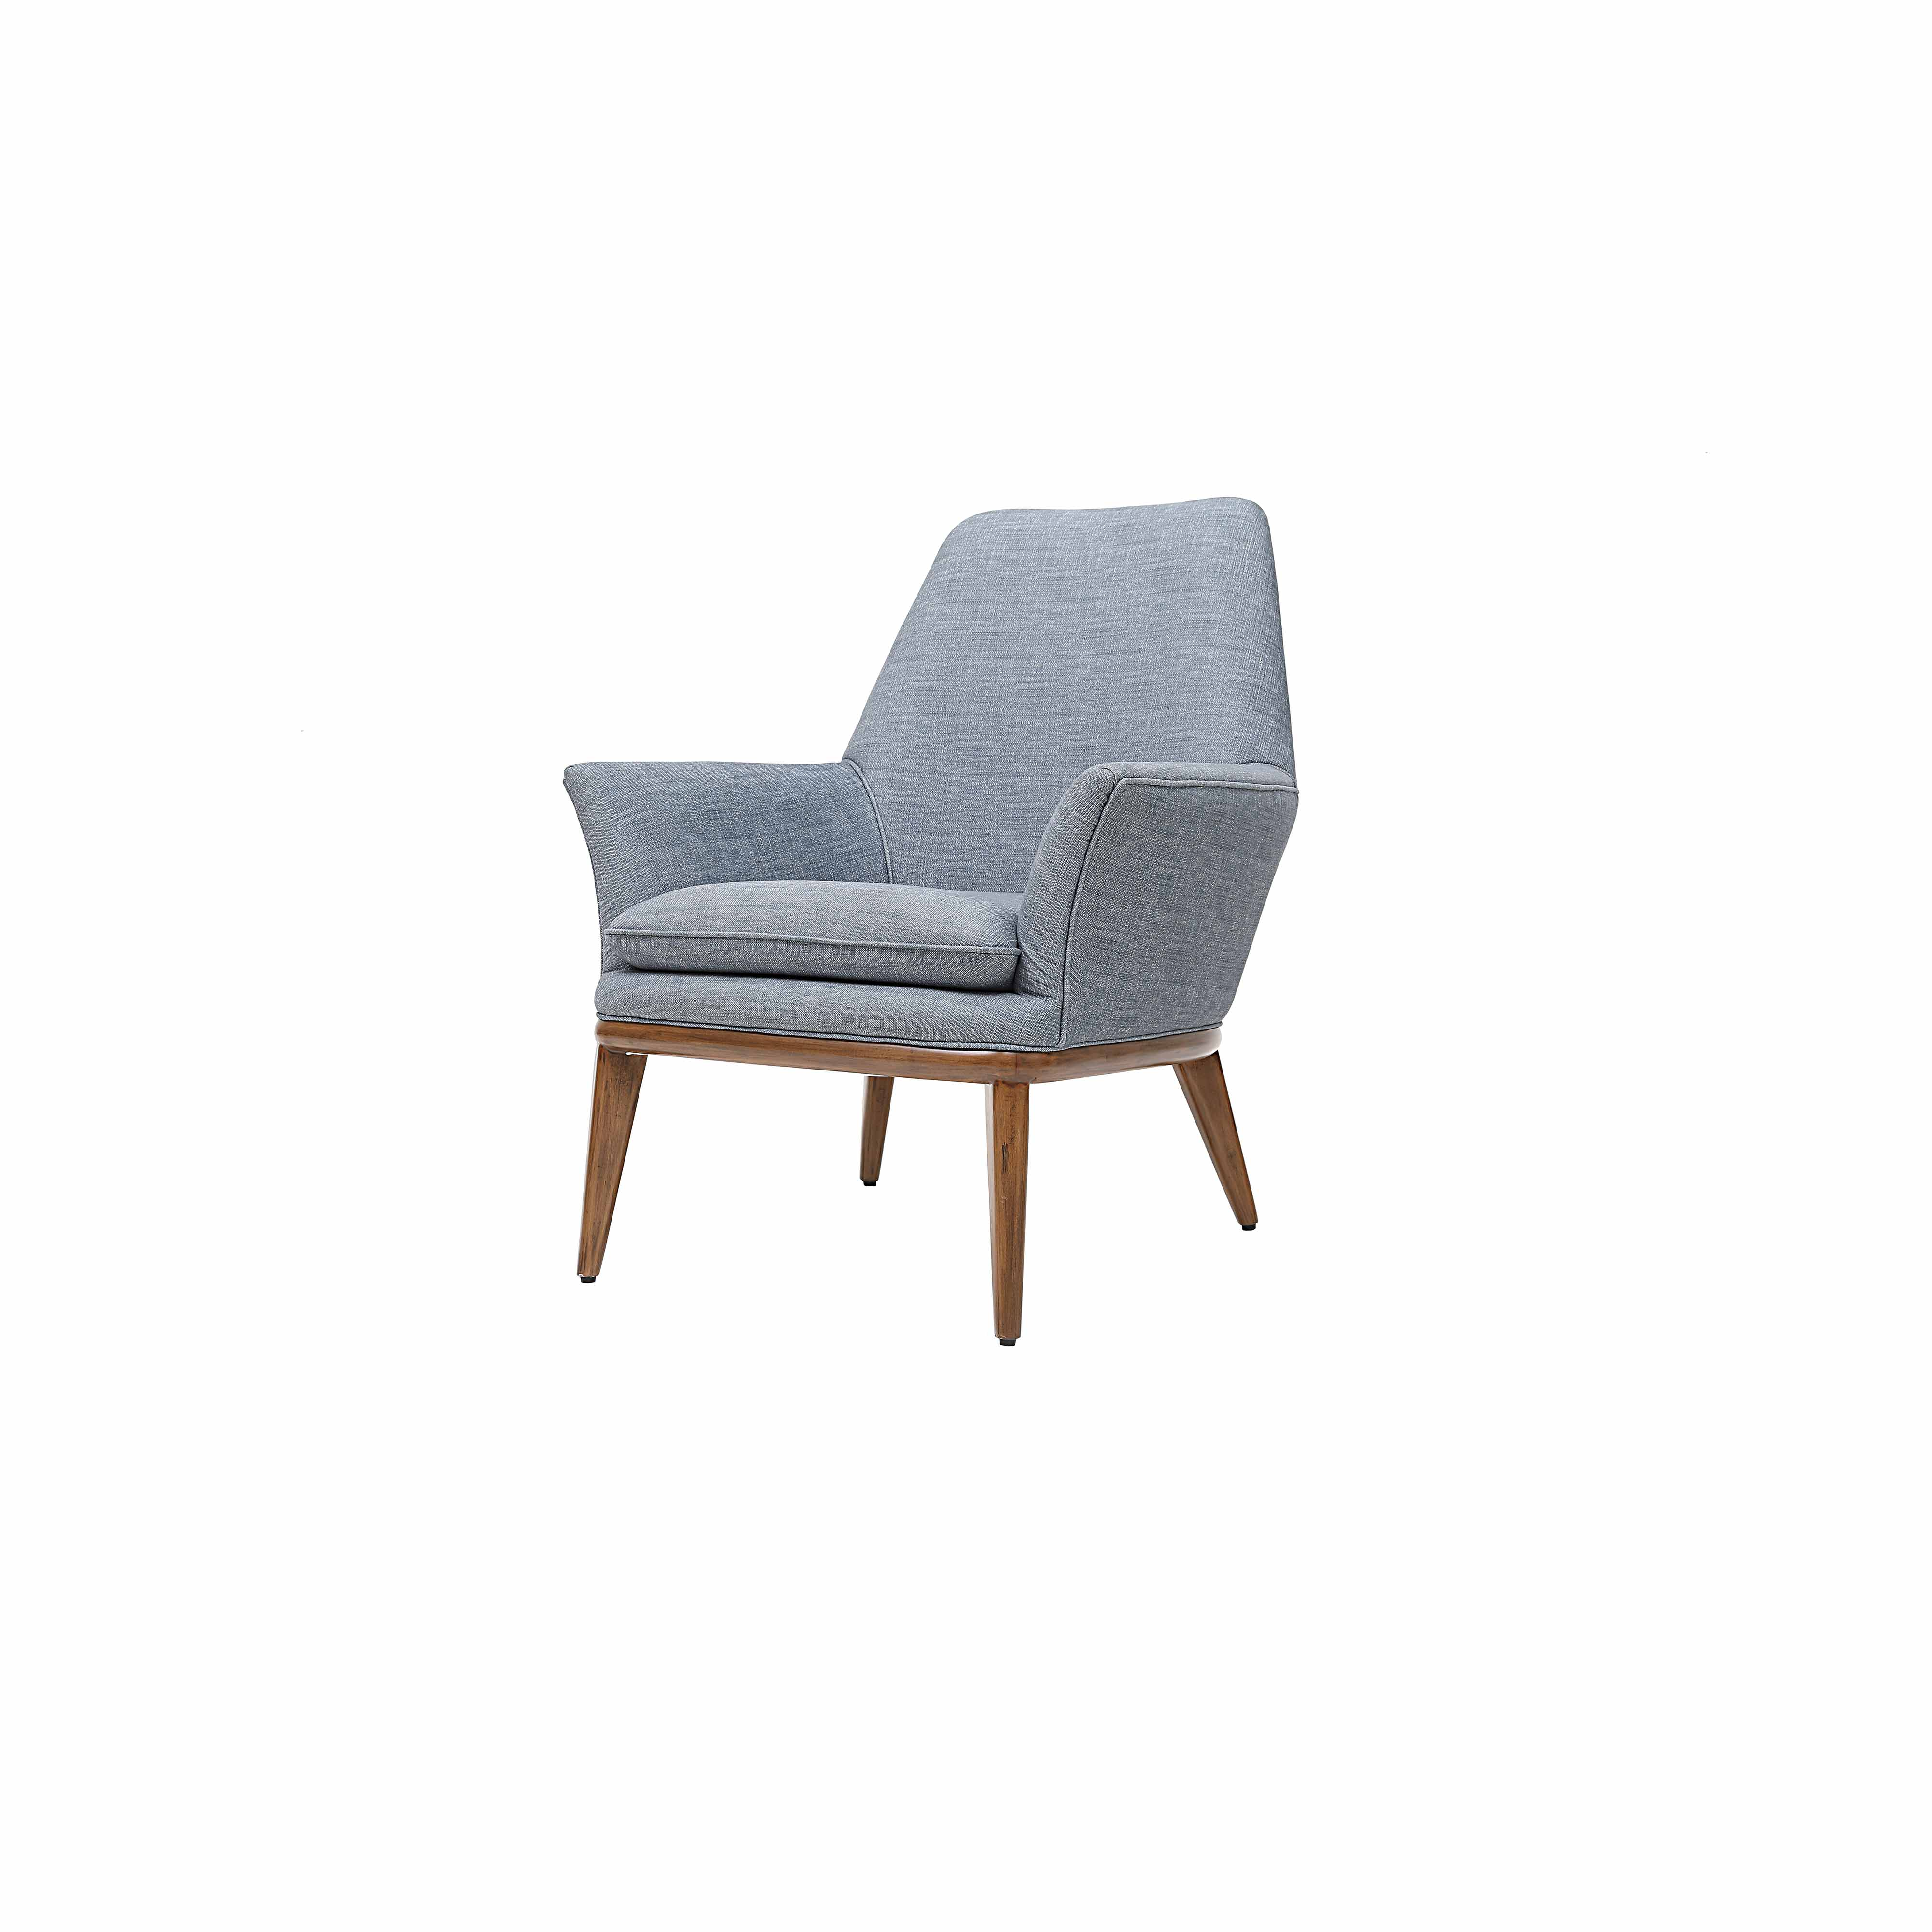 Prince armchair